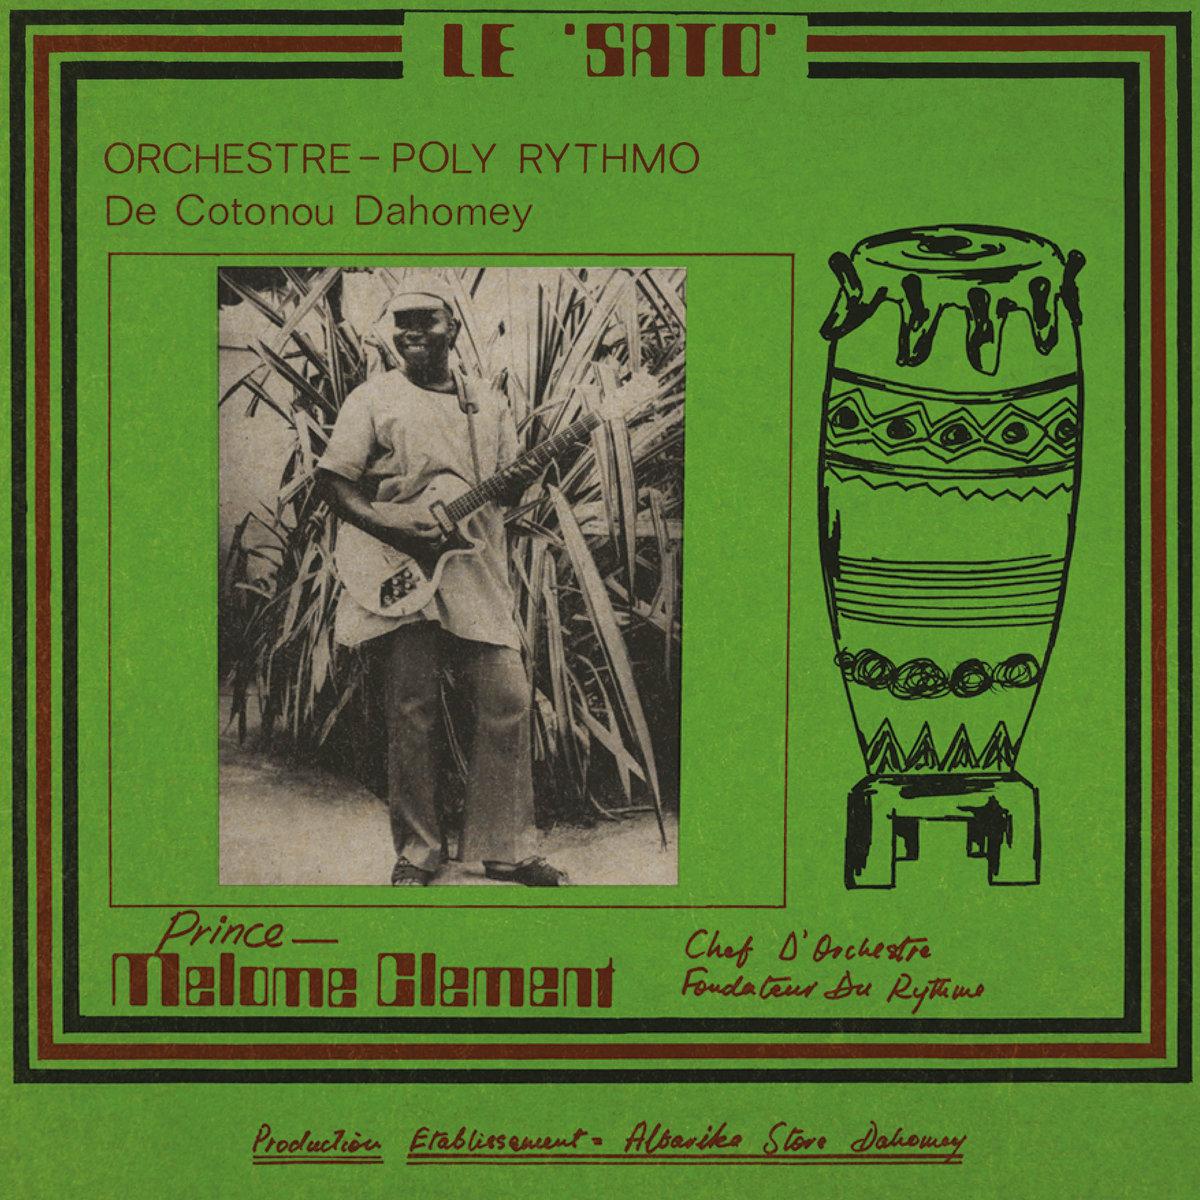 Orchestre Poly-Rythmo De Cotonou Dahomey - Le Sato [LP]